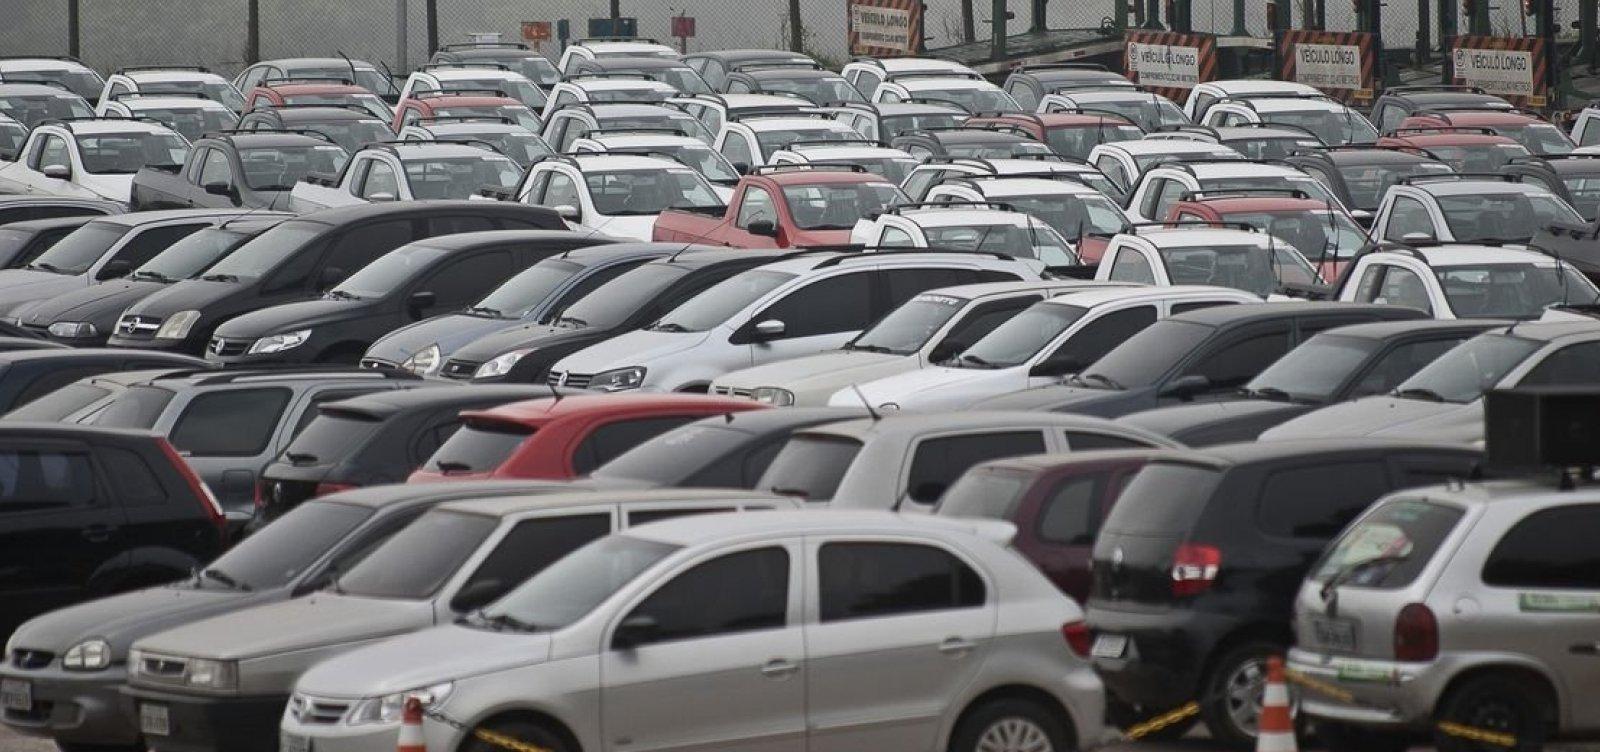 [Venda de veículos novos no Brasil sobe em março, aponta Fenabrave]